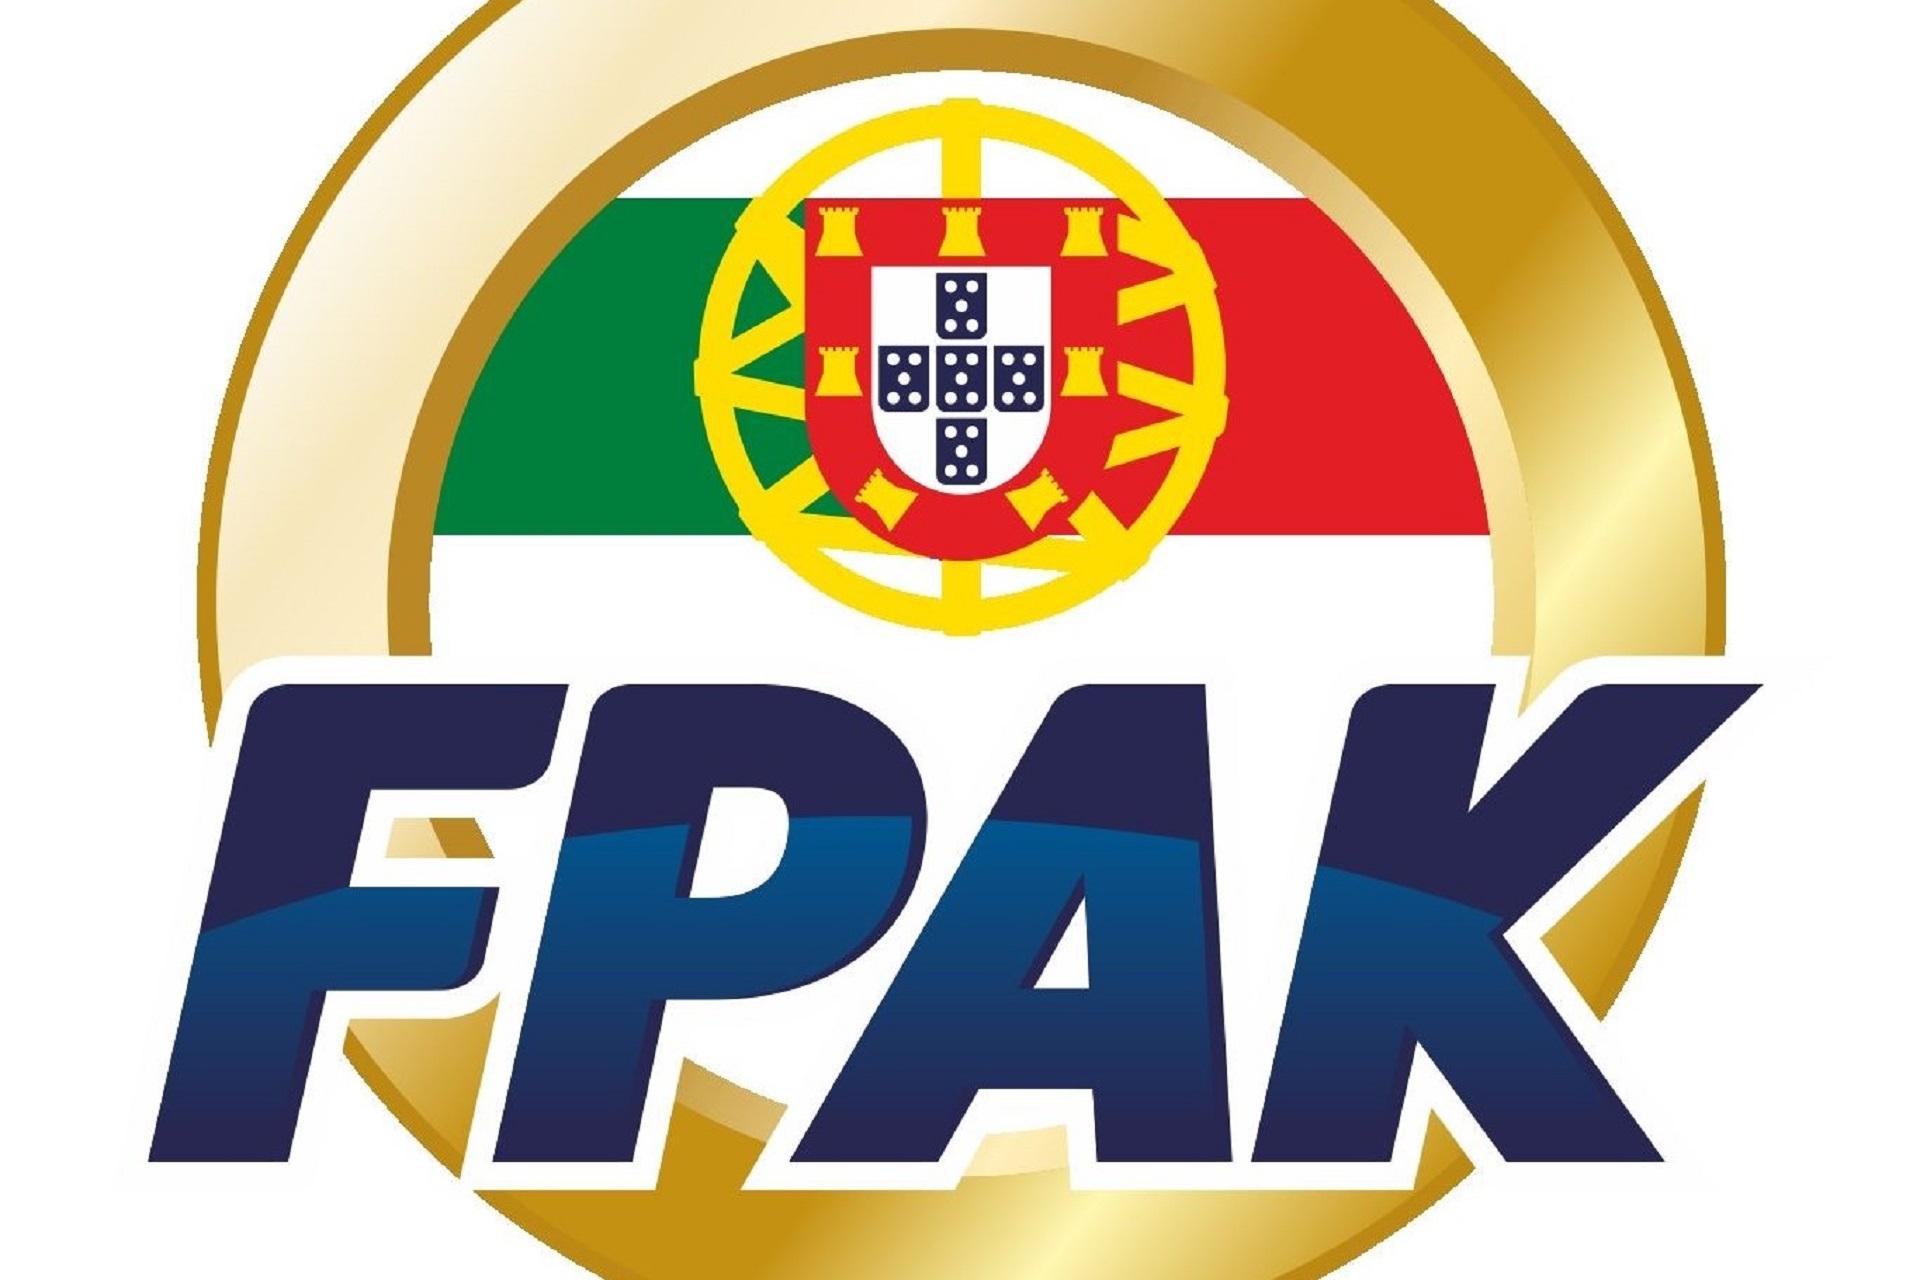 FPAK anuncia prolongamento da suspensão da atividade desportiva